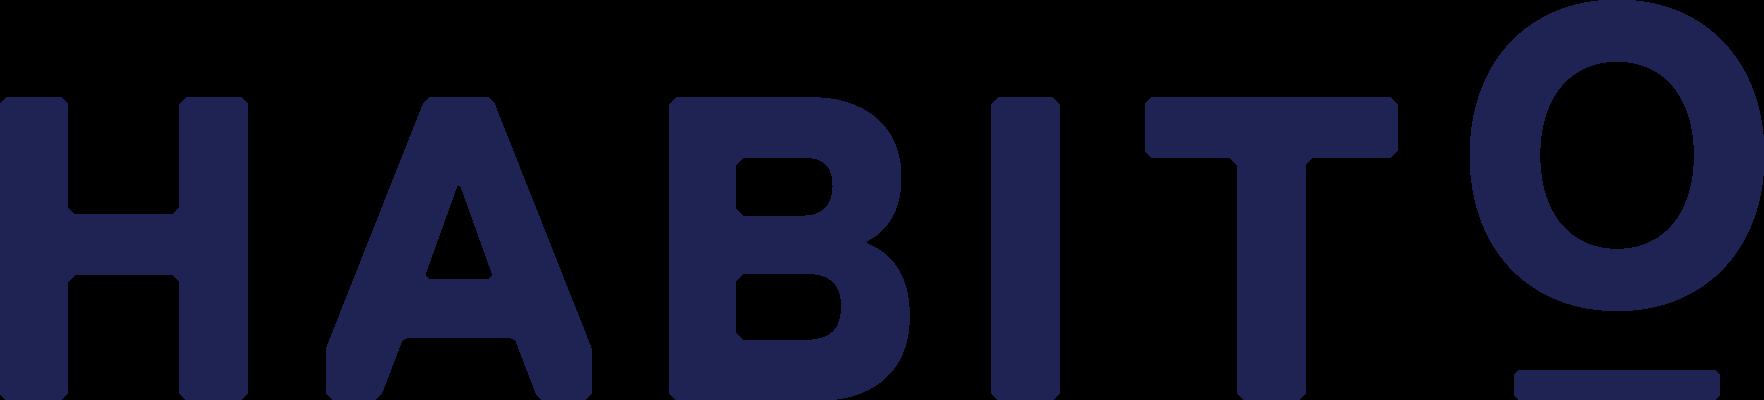 Habito logo